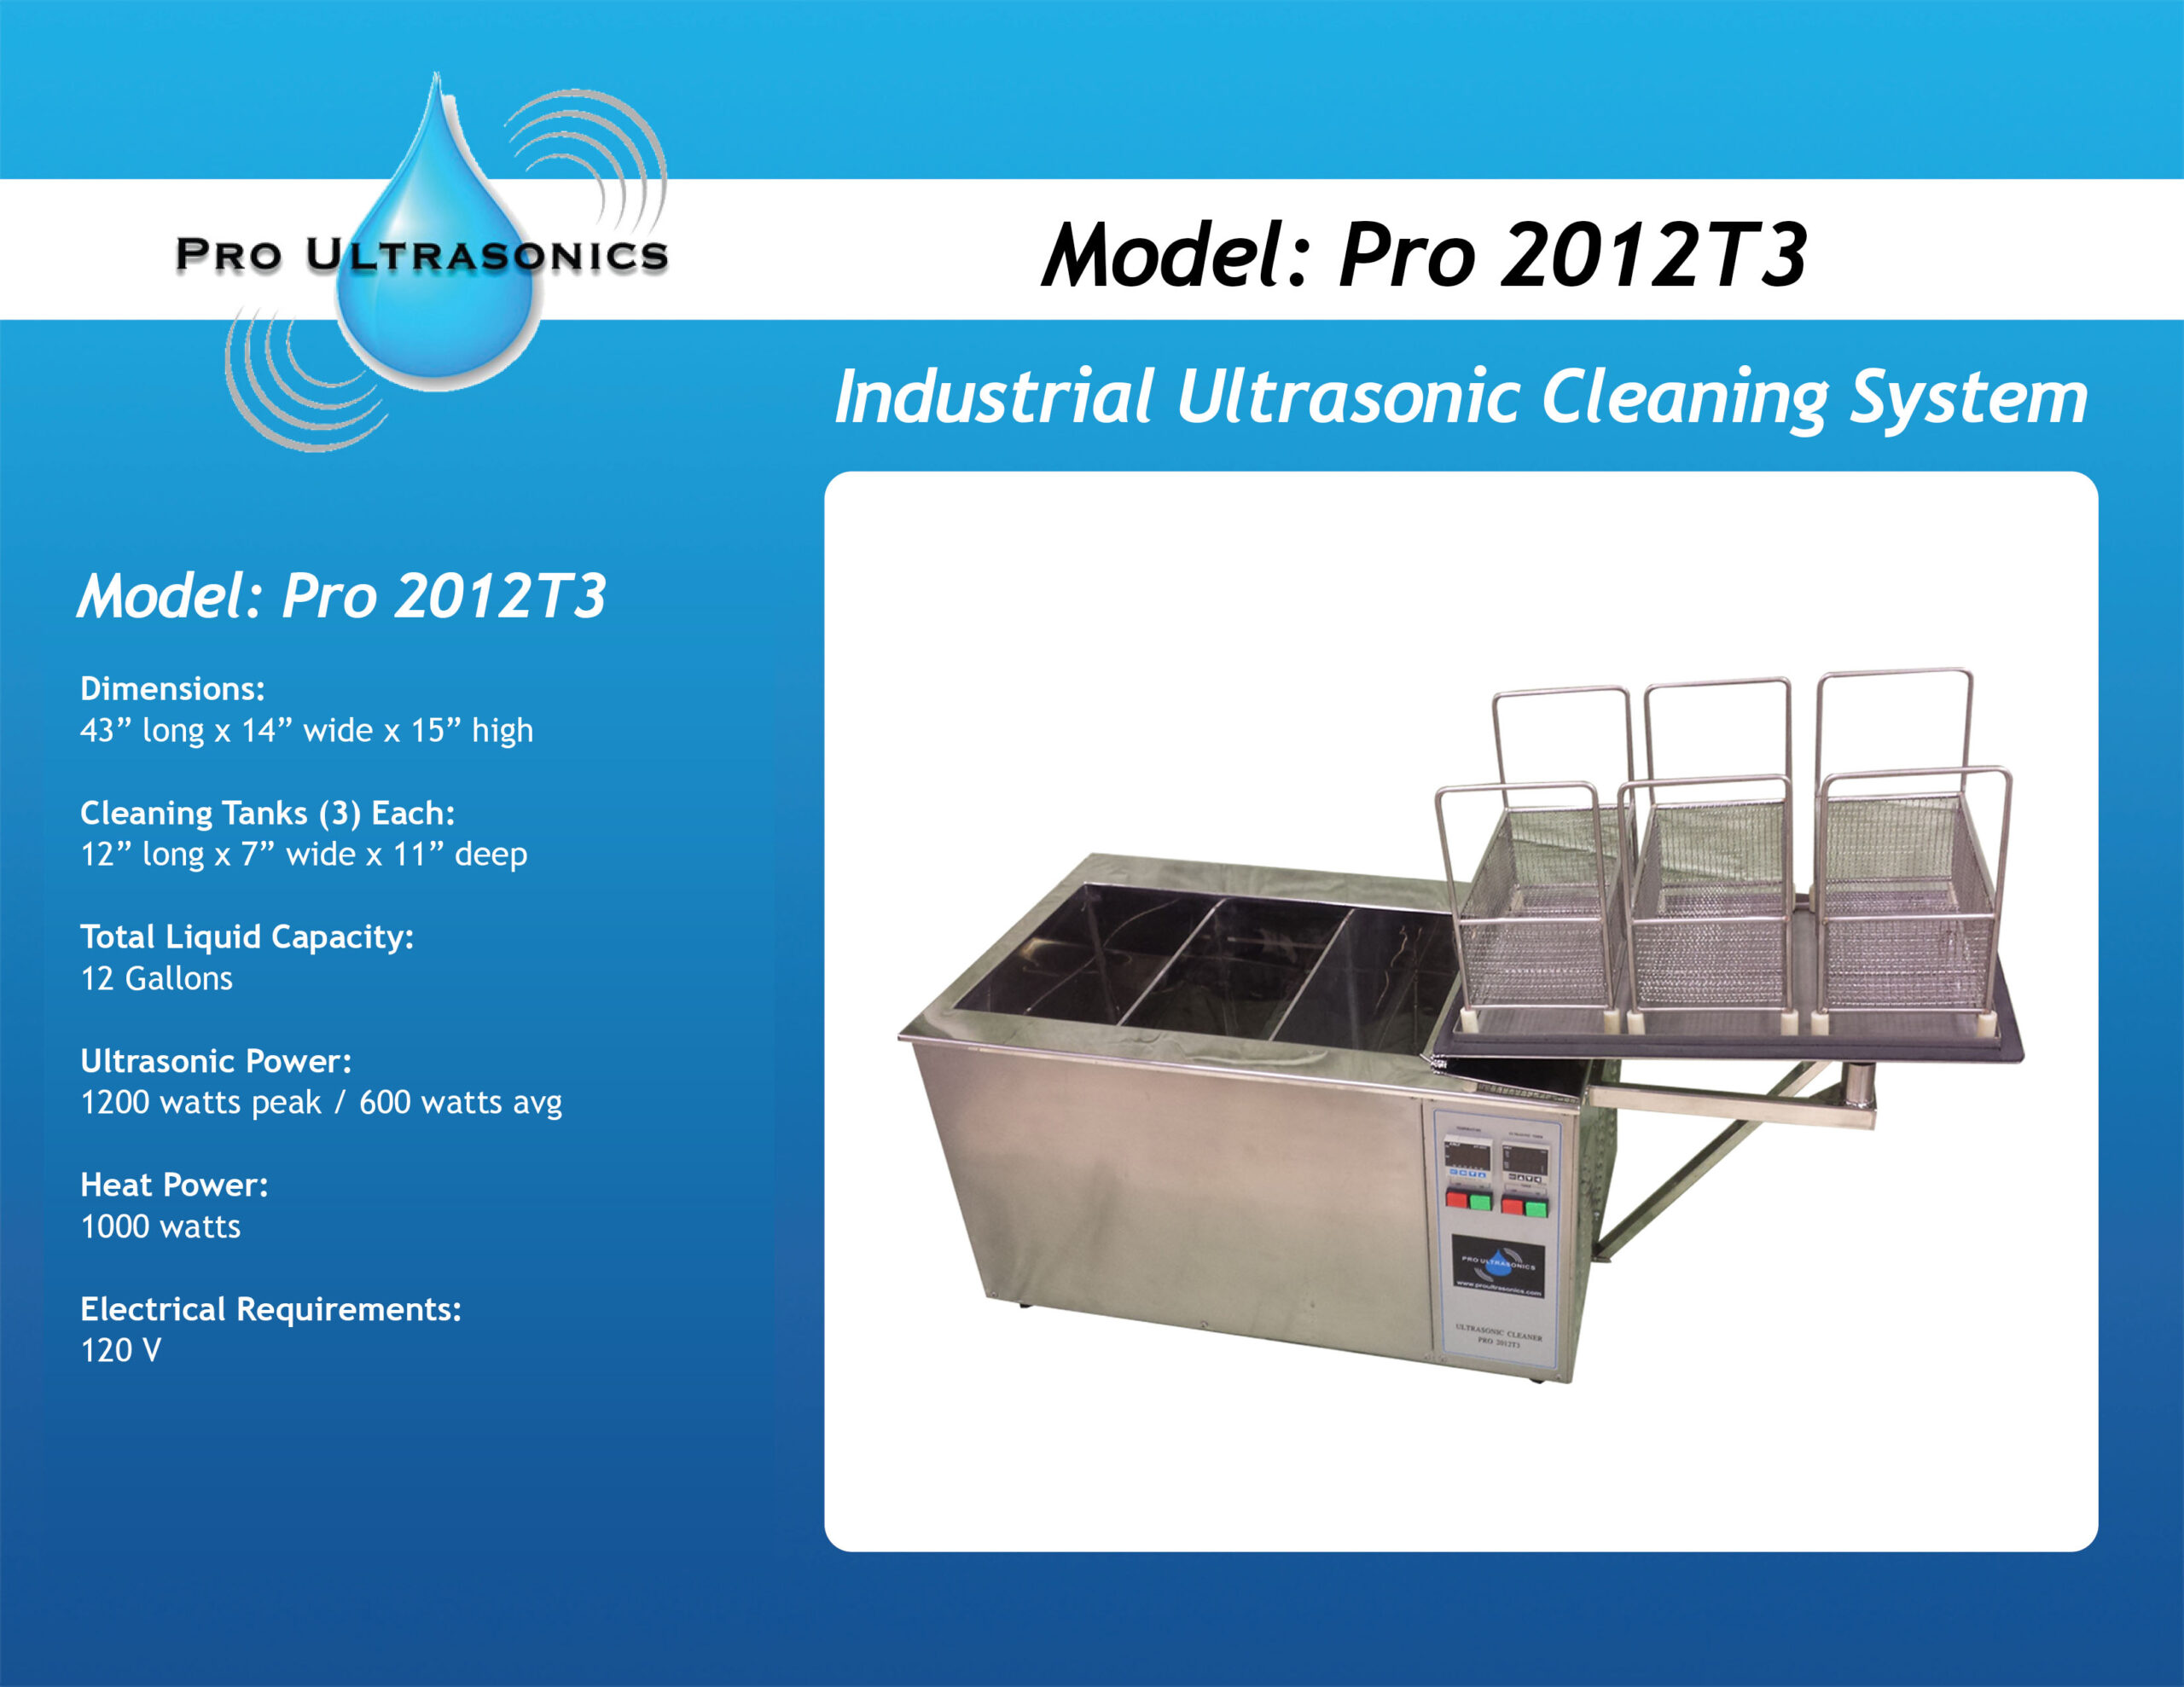 Pro 2012T3